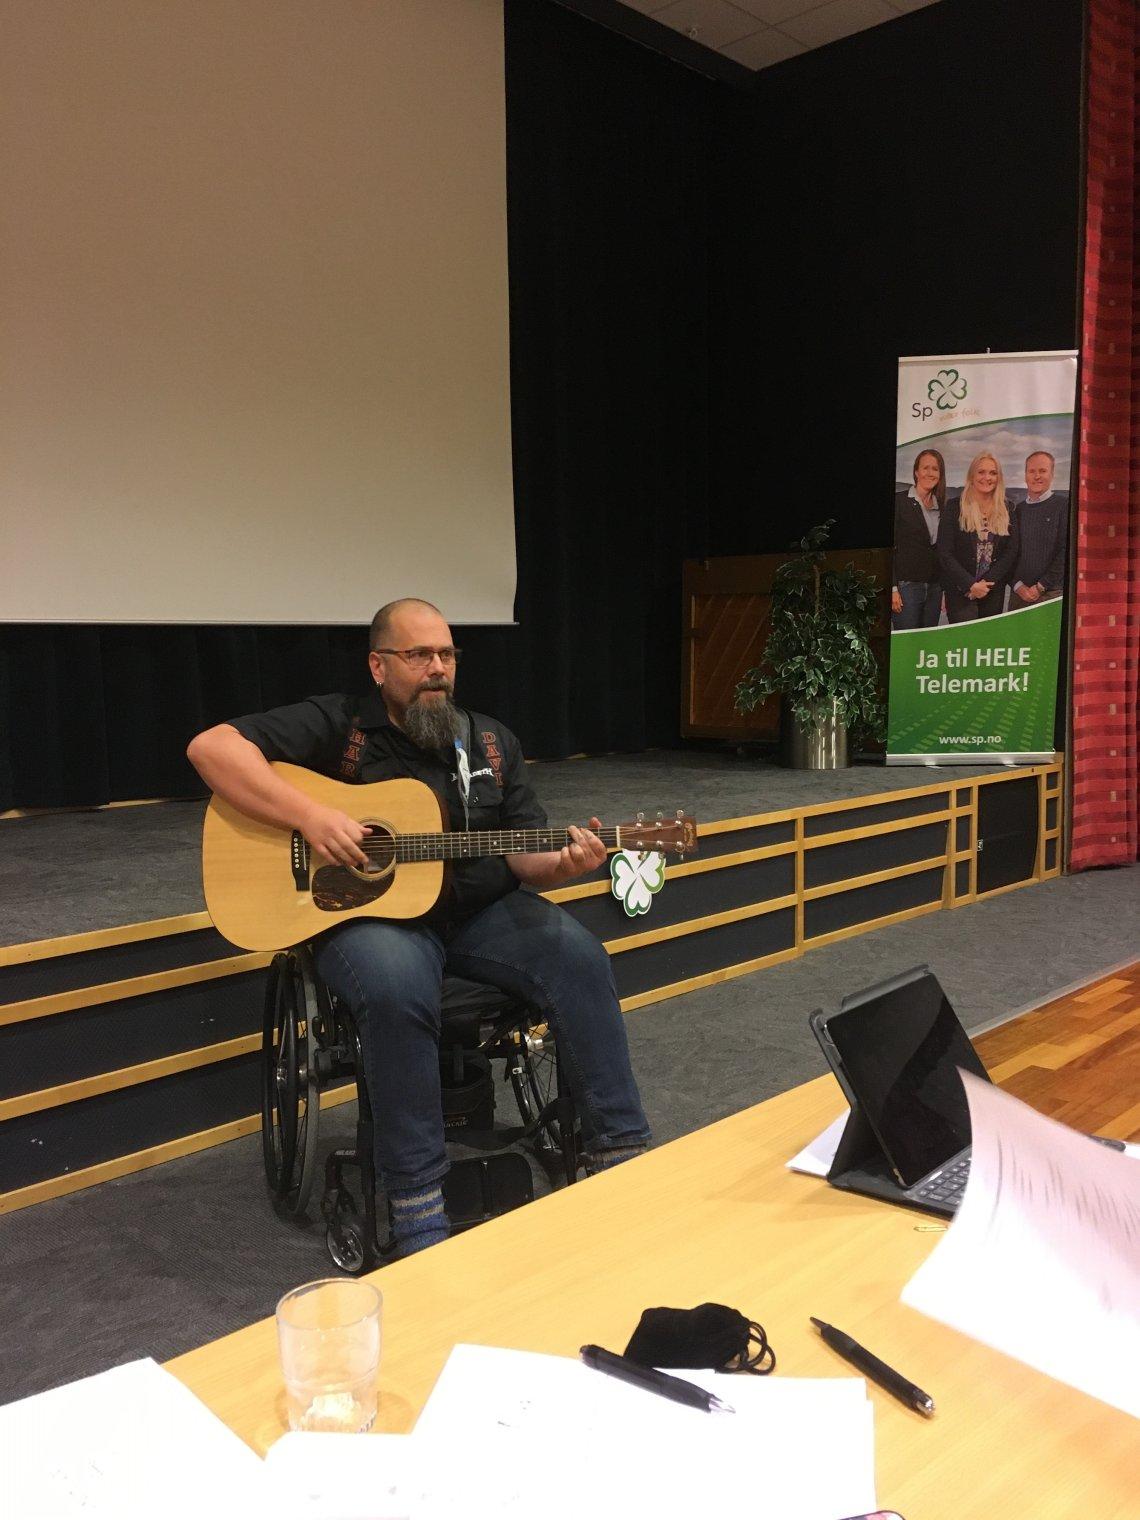 Glimt frå helgas høstkonferanse i Telemark Senterparti